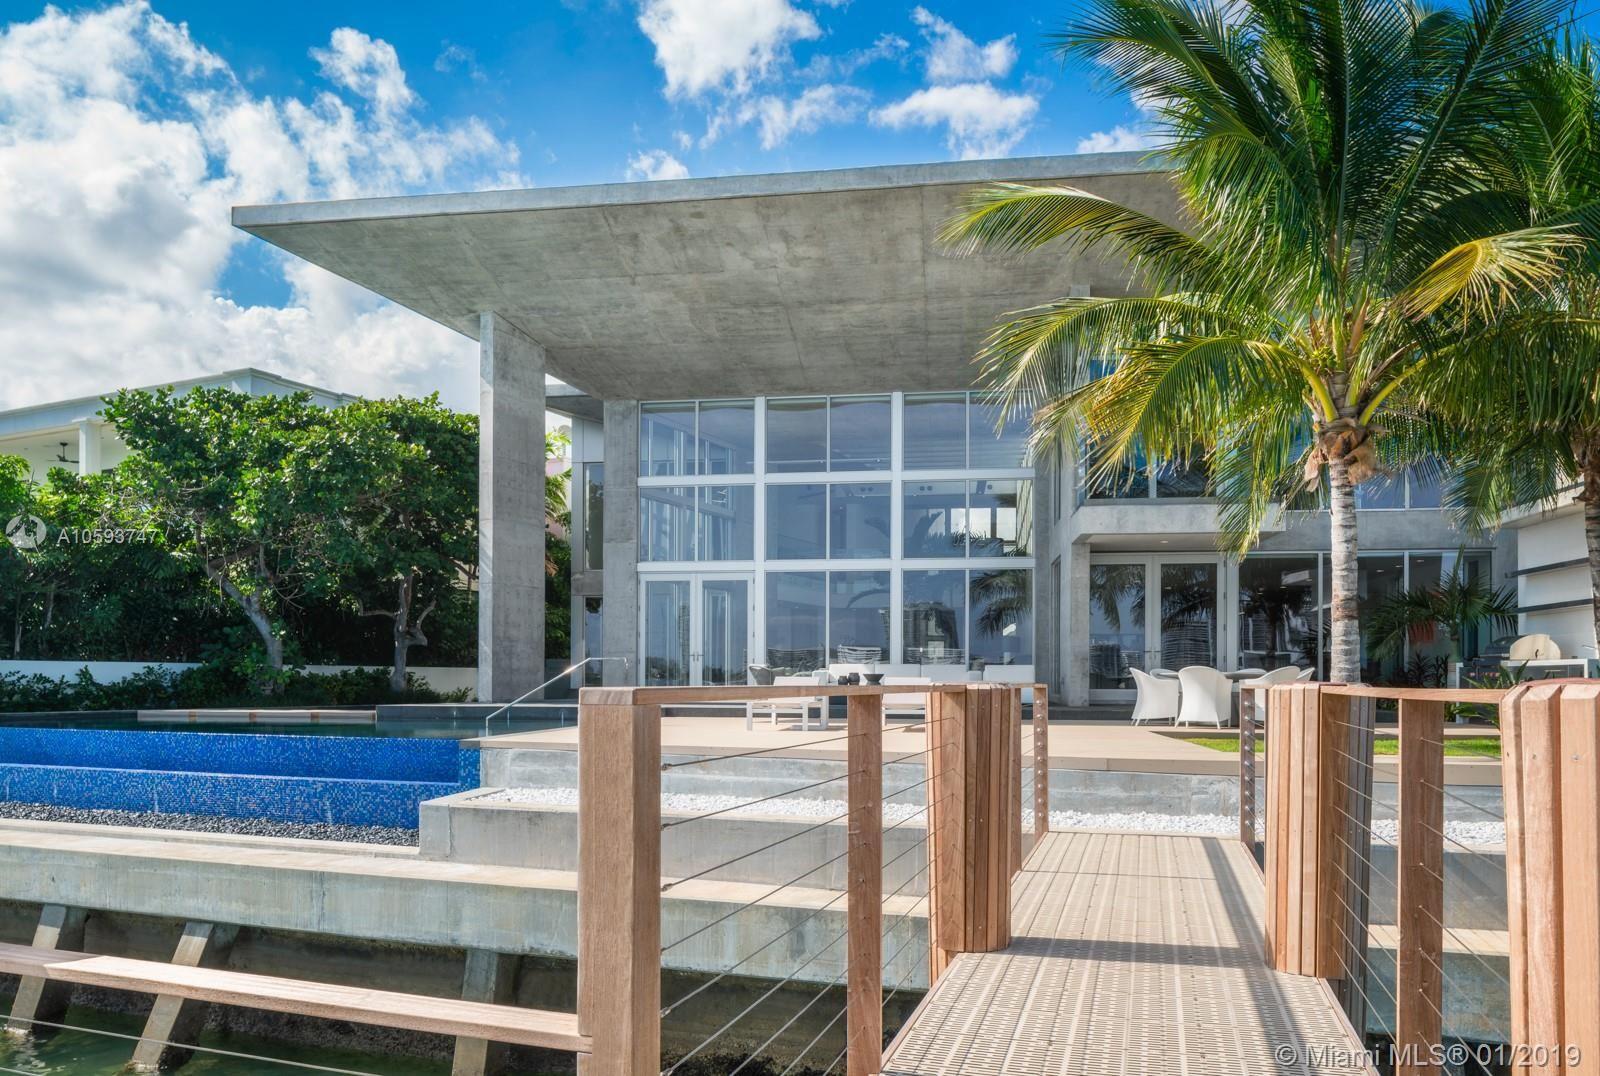 Photo 28 of Listing MLS a10593747 in 35 E Dilido Dr Miami Beach FL 33139